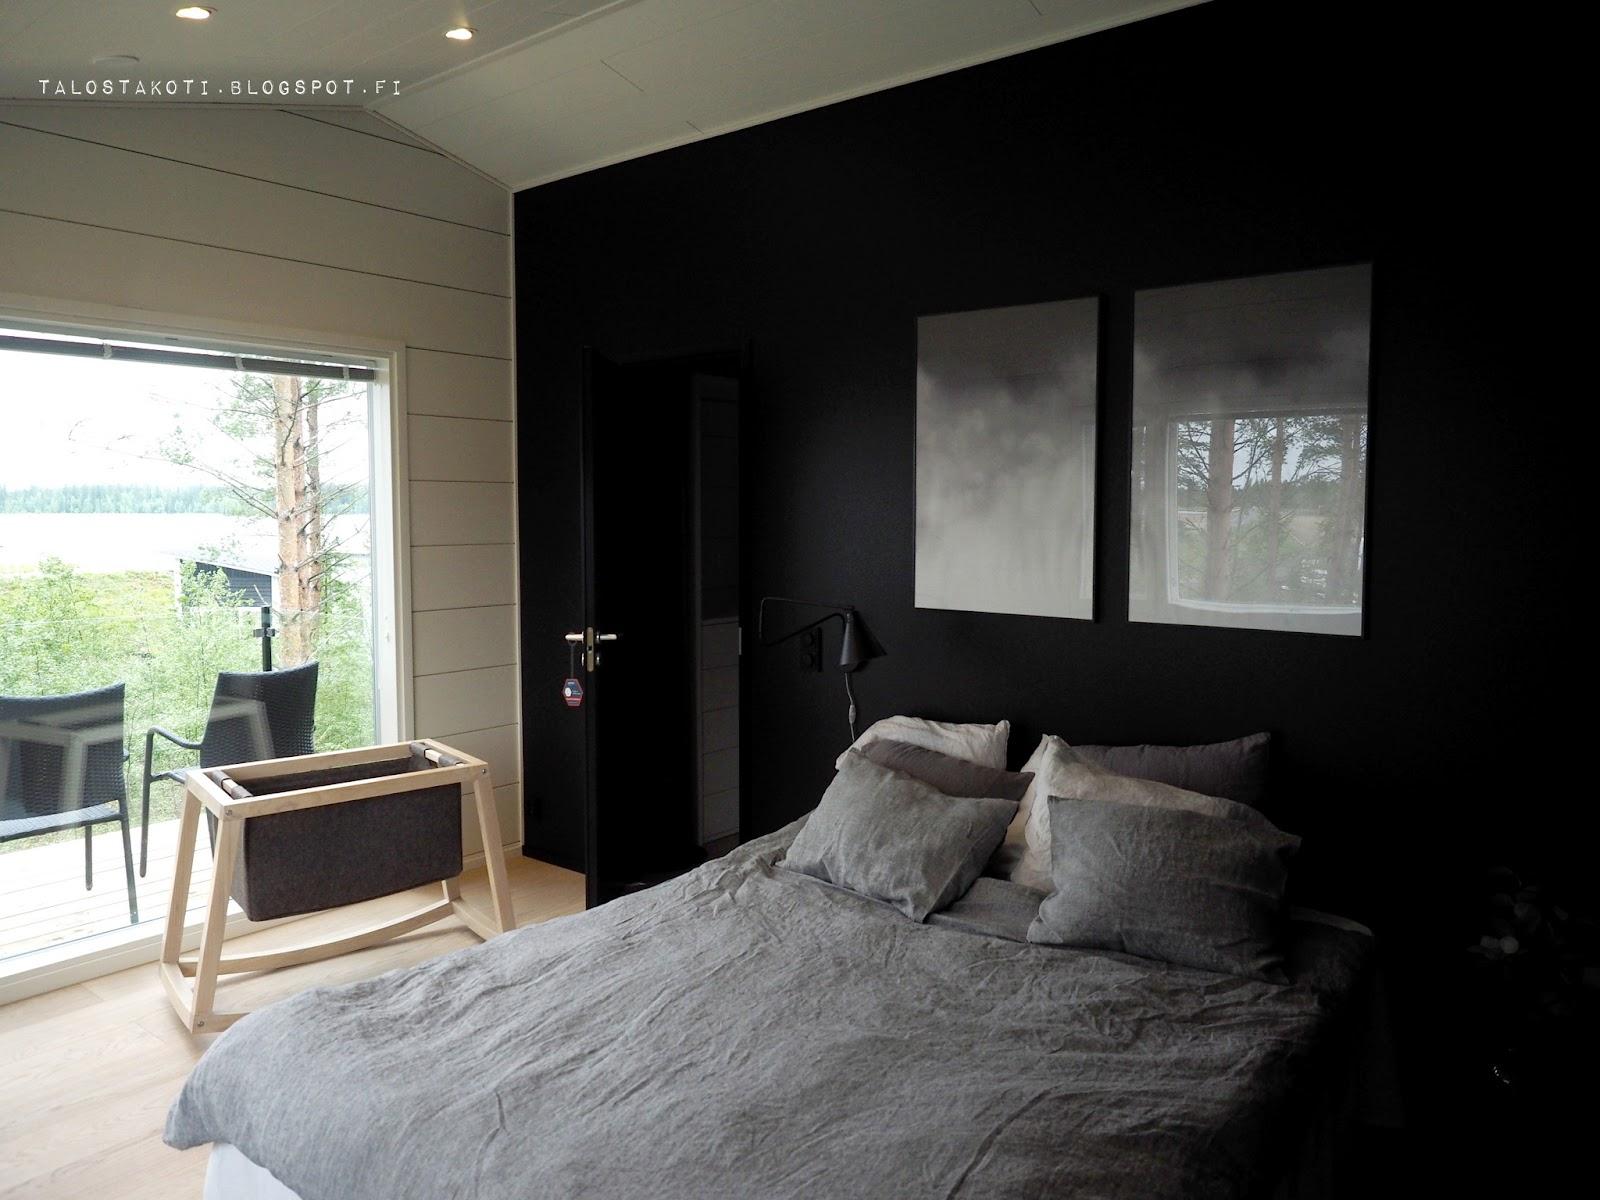 Seinäjoen asuntomessut Honka Markki makuuhuone kehto